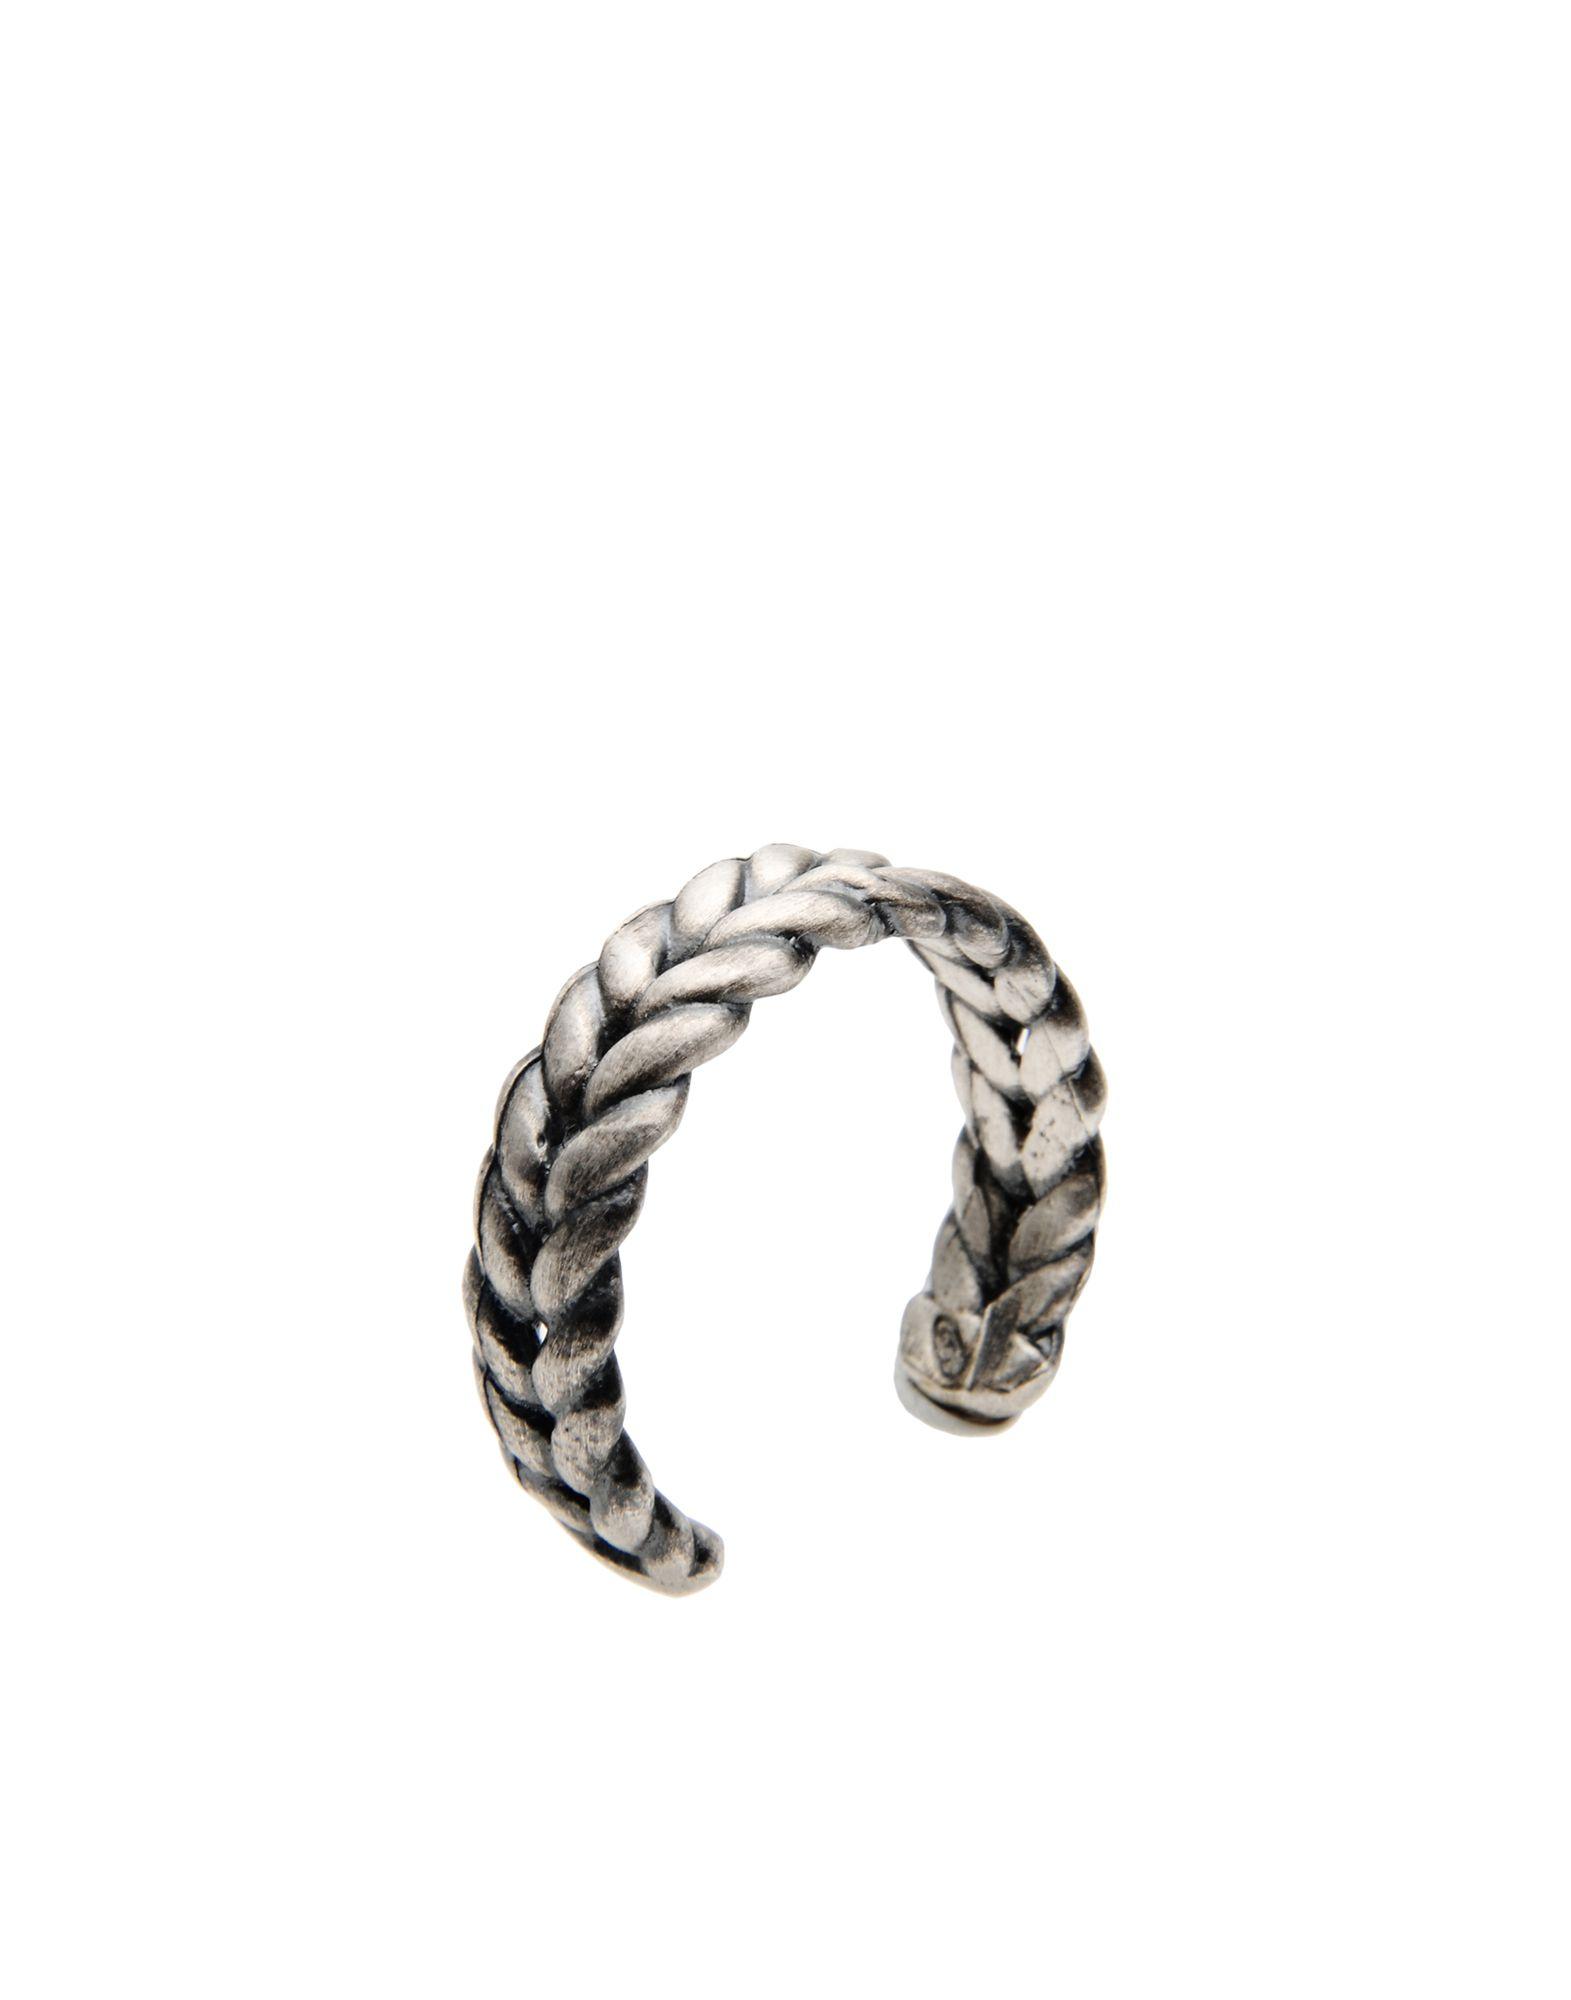 《期間限定 セール開催中》FIRST PEOPLE FIRST メンズ 指輪 シルバー S シルバー925/1000 GRUMETTE LOCKED RING